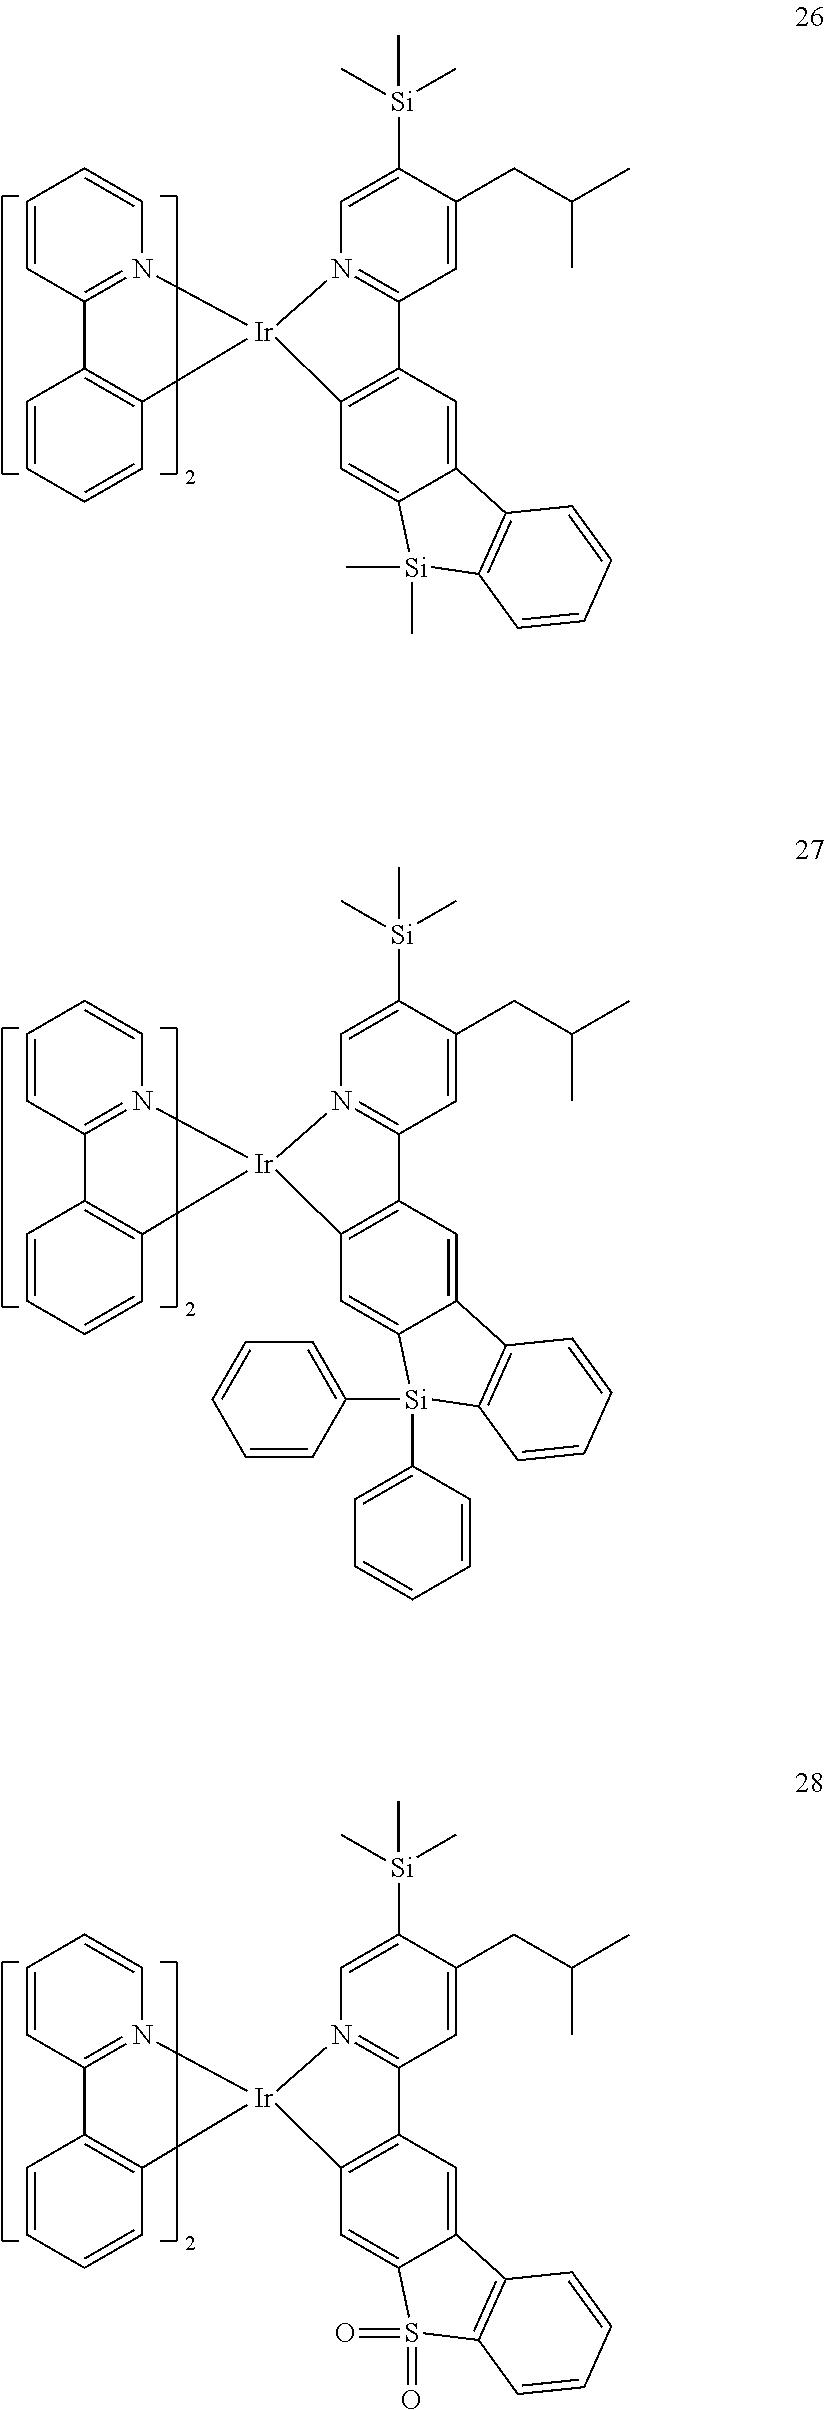 Figure US20160155962A1-20160602-C00066